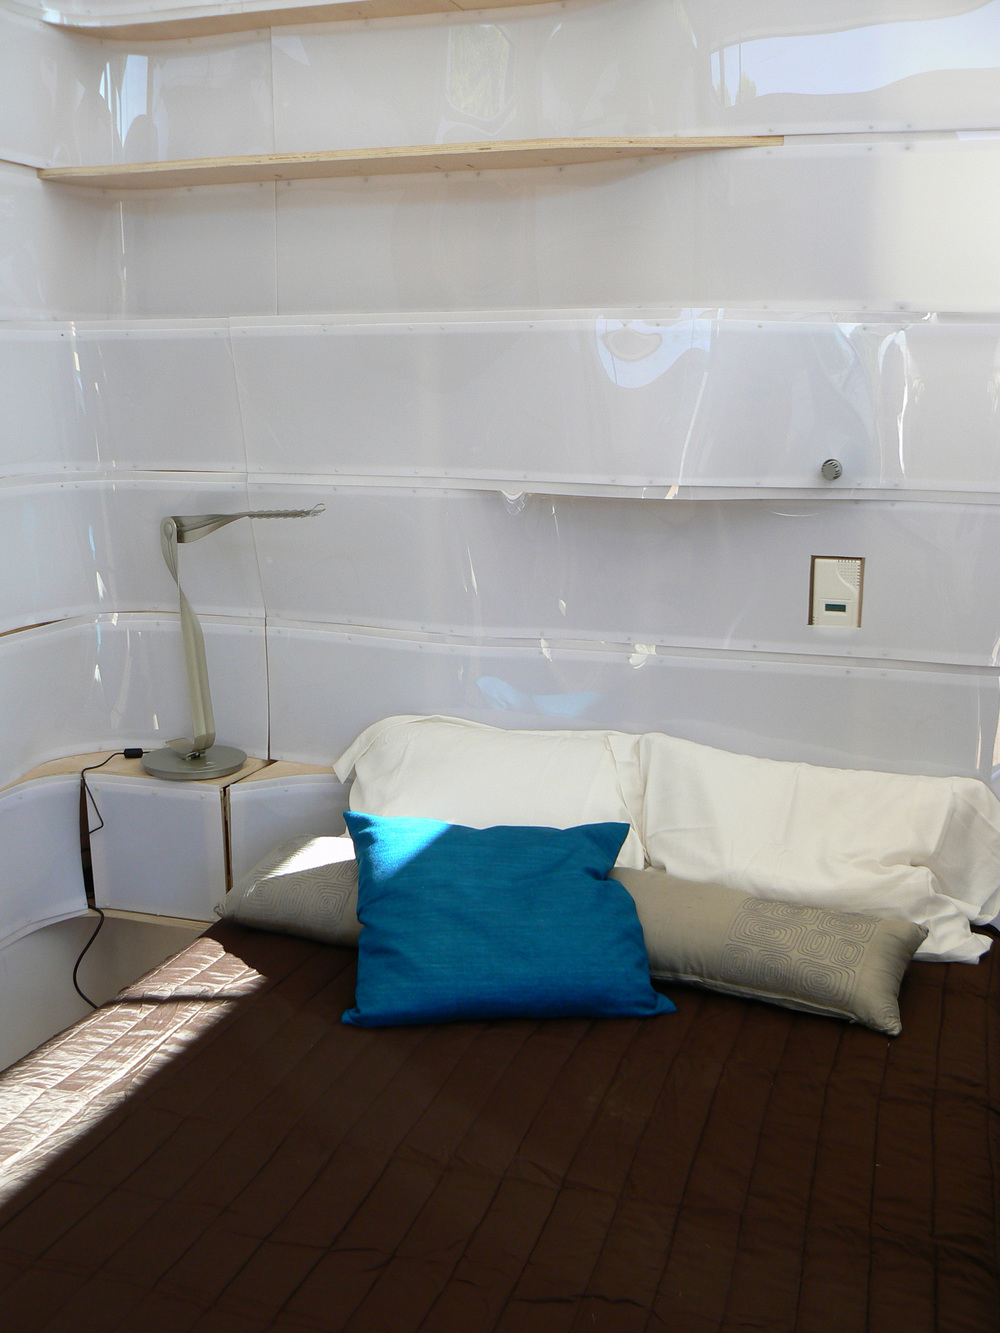 solar decathlon-bedroom 2.jpg